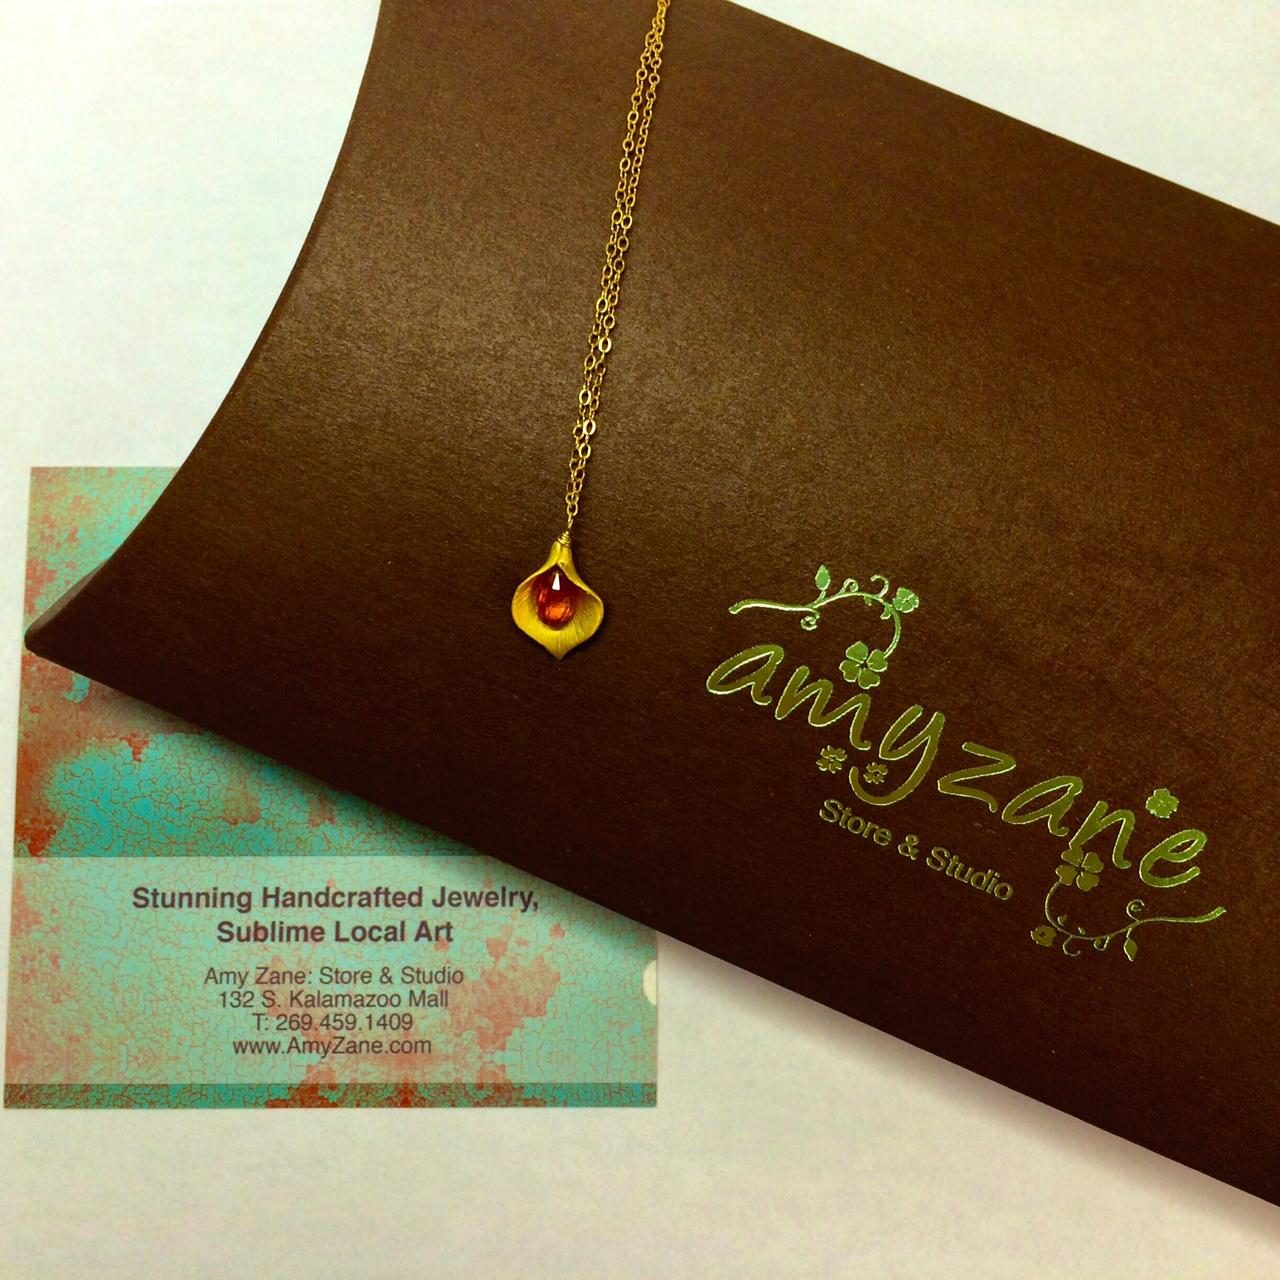 Necklace by Amy Zane